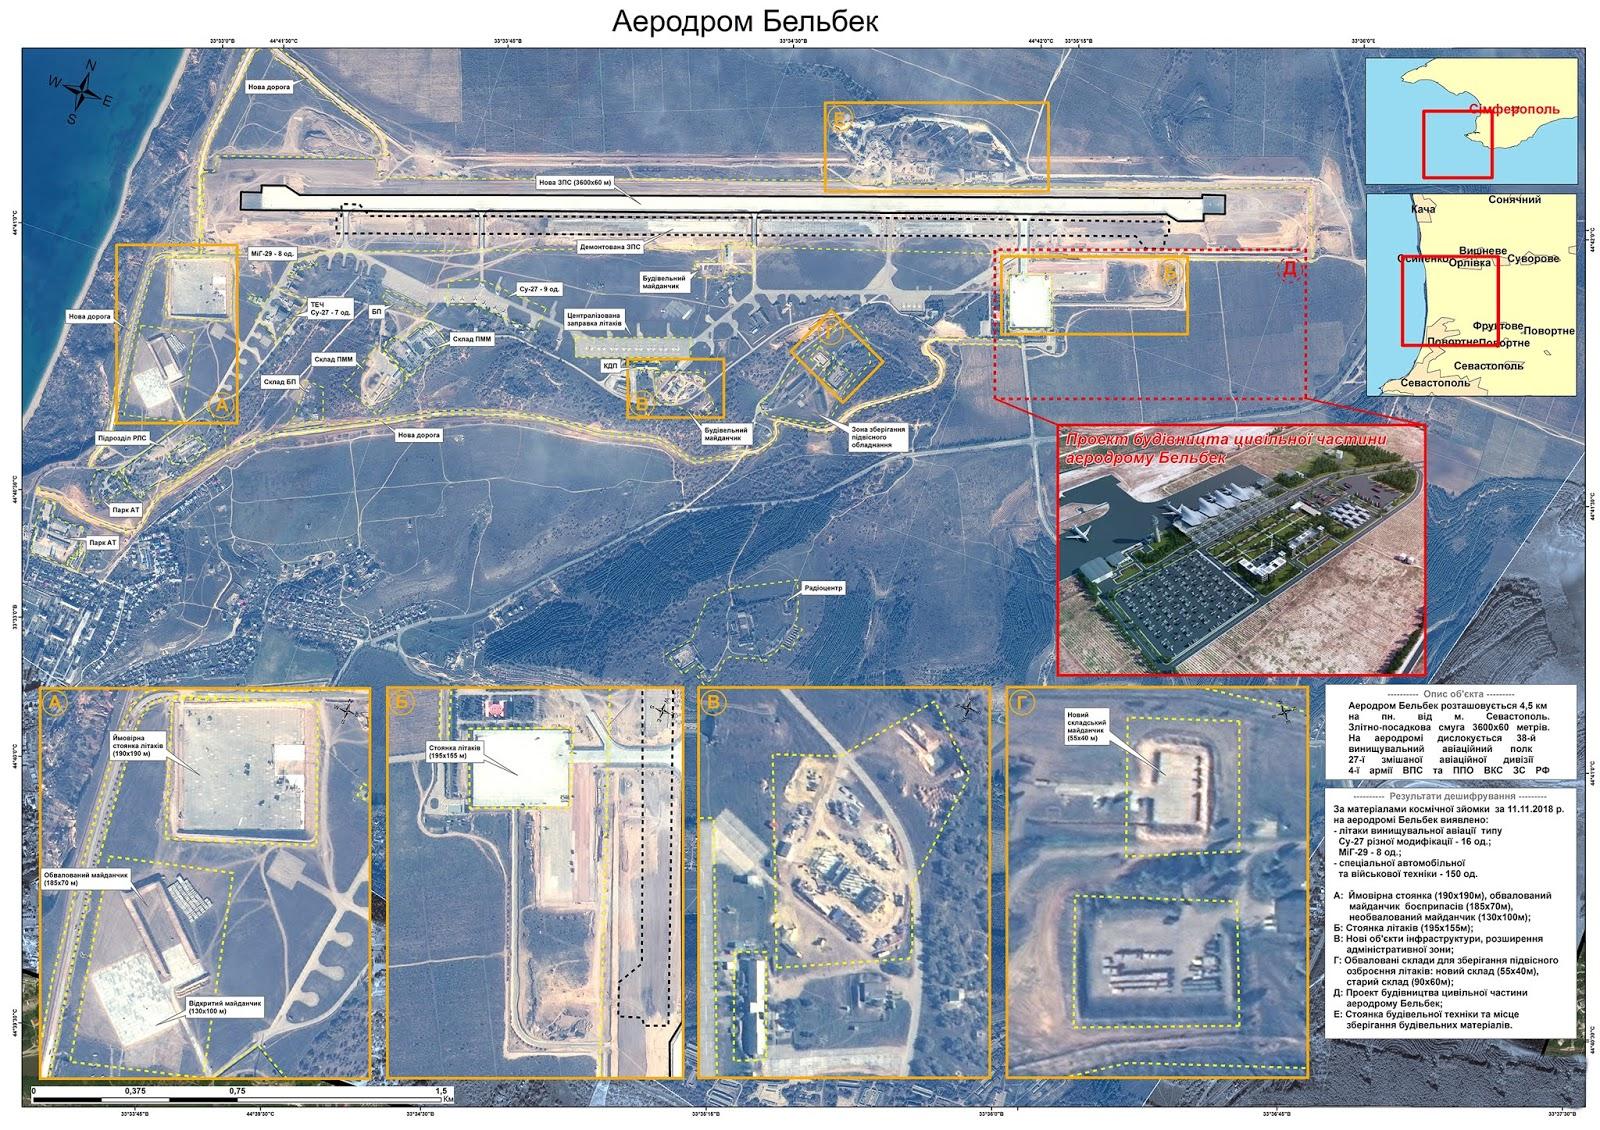 РФ збільшила кількість літаків на аеродромі Бельбек